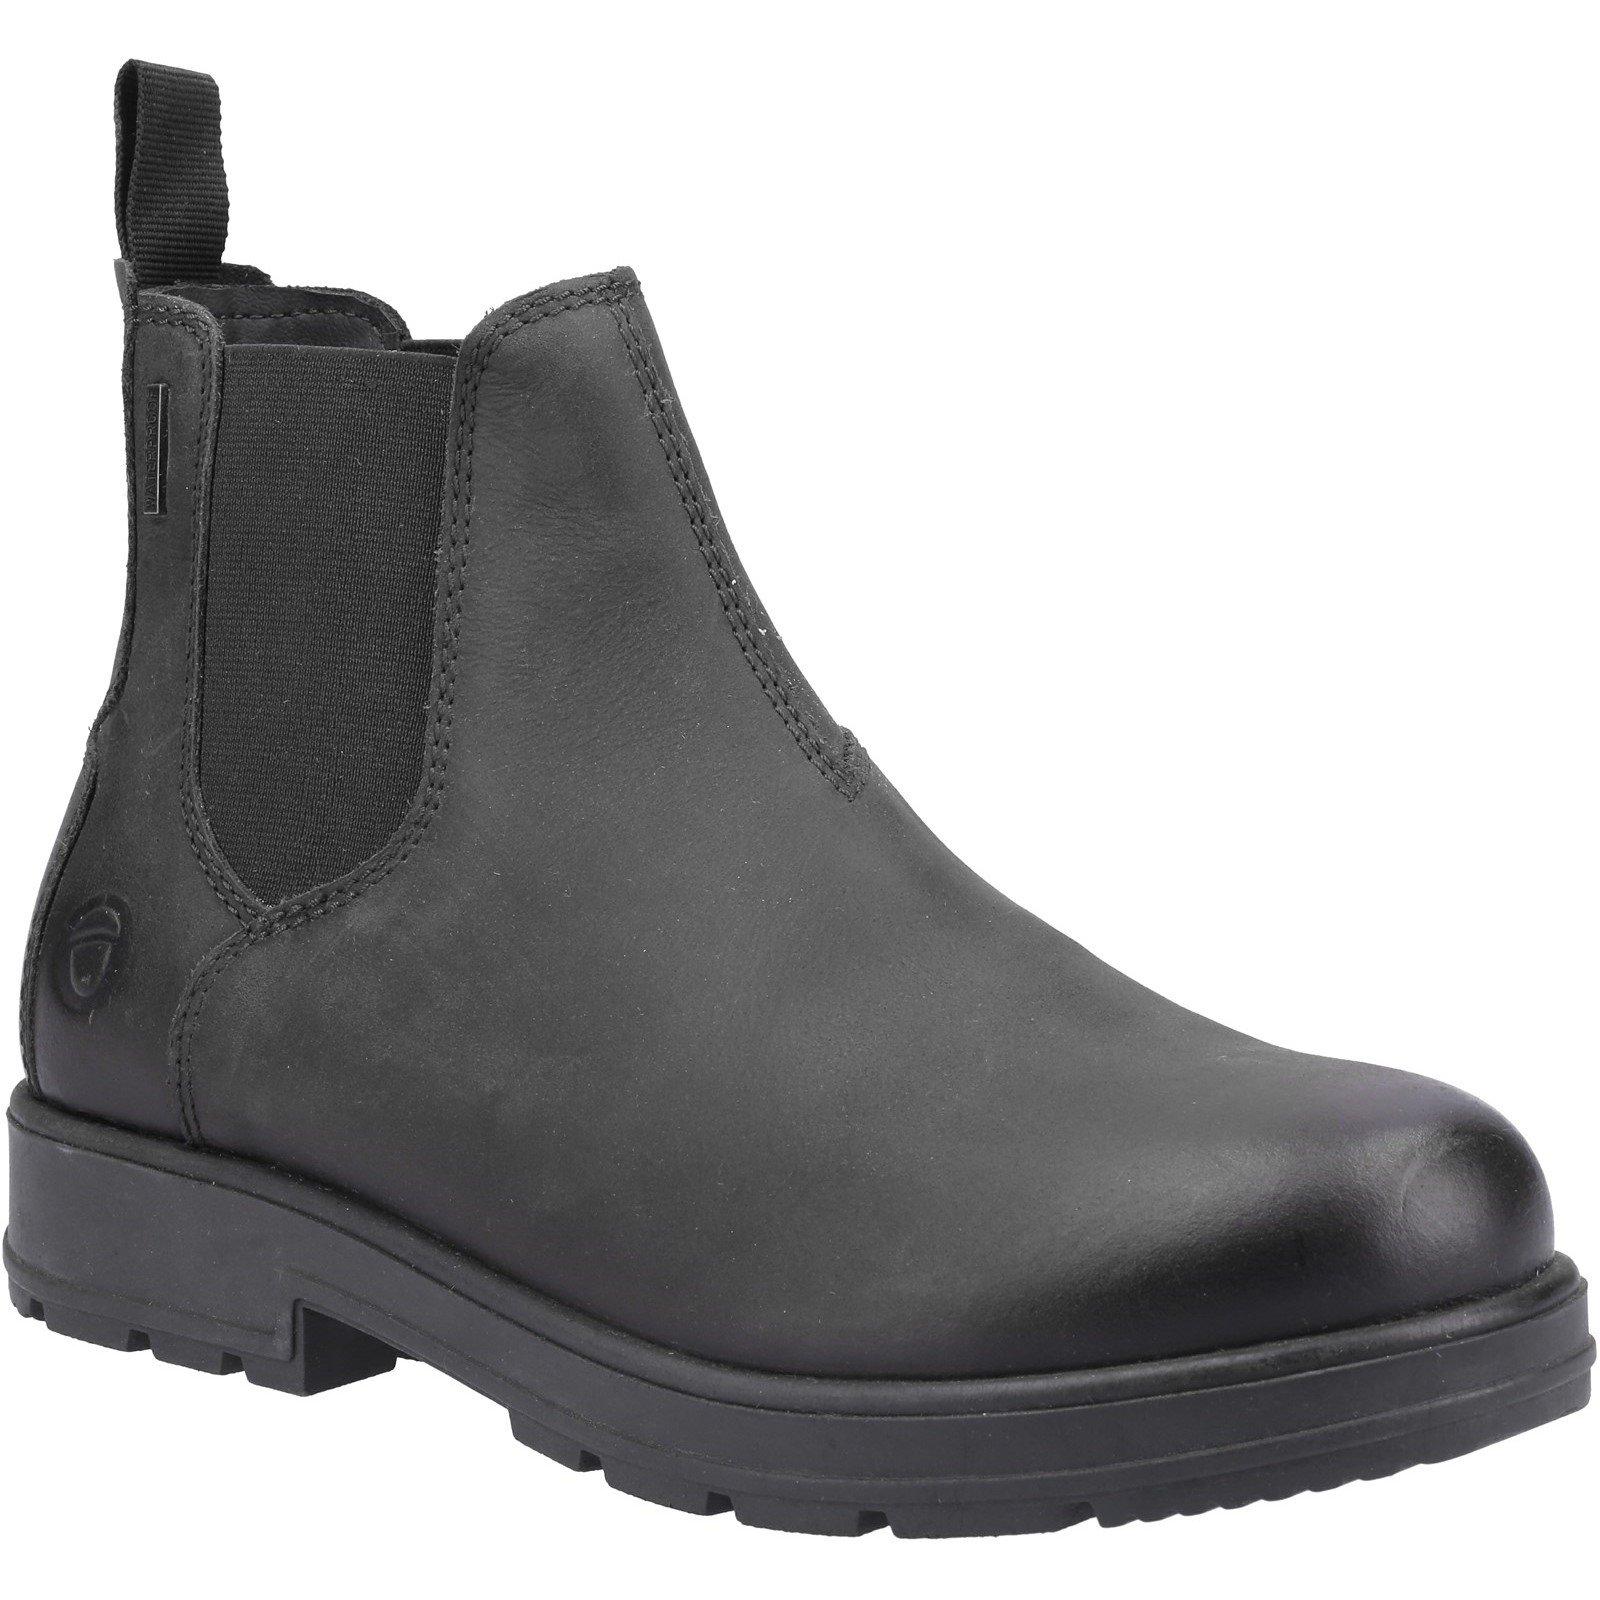 Cotswold Men's Farmington Boot Various Colours 32965 - Black 8